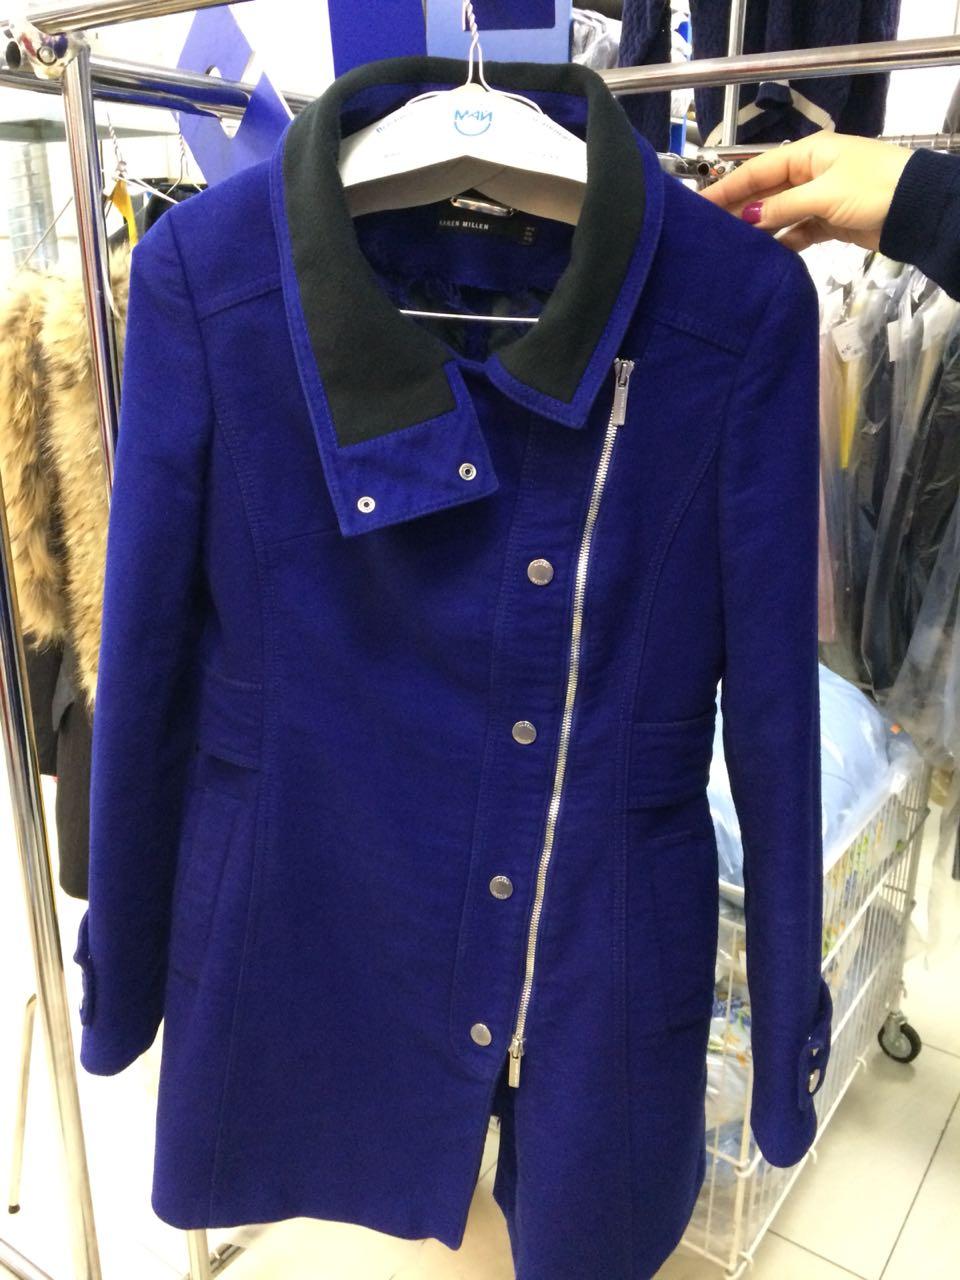 After-Экспериментальная окраска пальто (состав: шерсть с полиэстером)